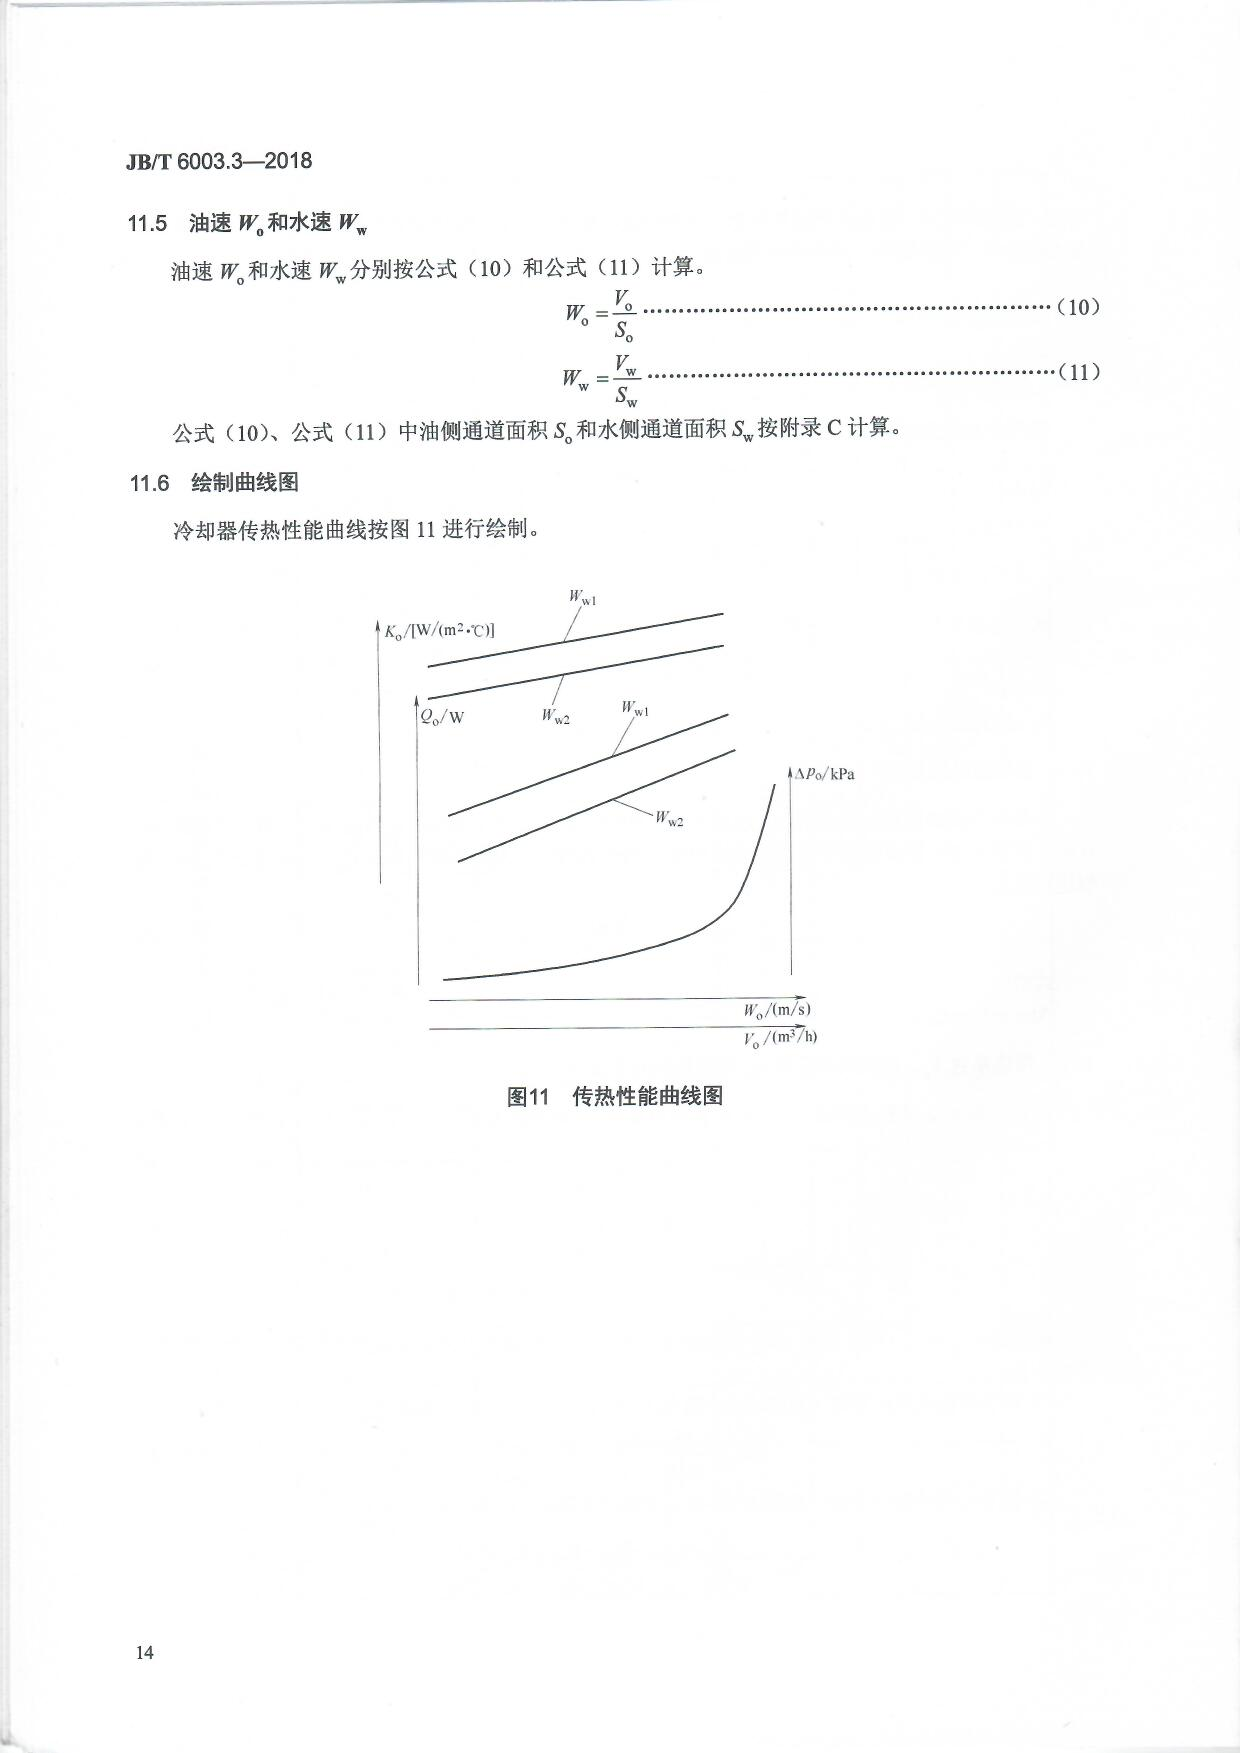 5df6db1cc3314.jpg